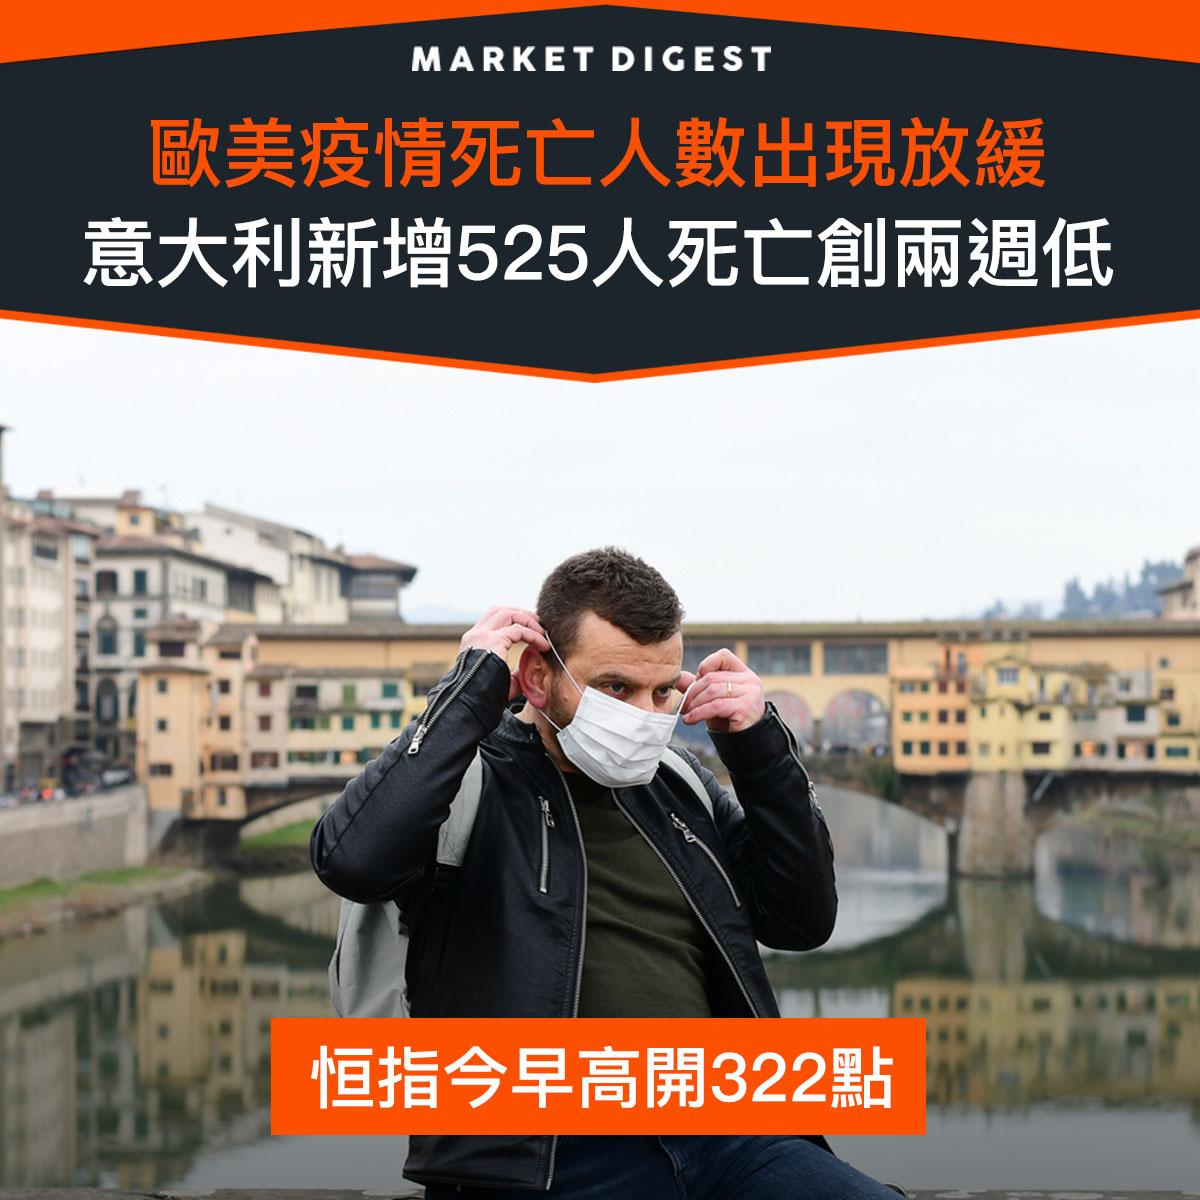 【市場熱話】歐美疫情死亡人數出現放緩,意大利新增525人死亡創兩週低